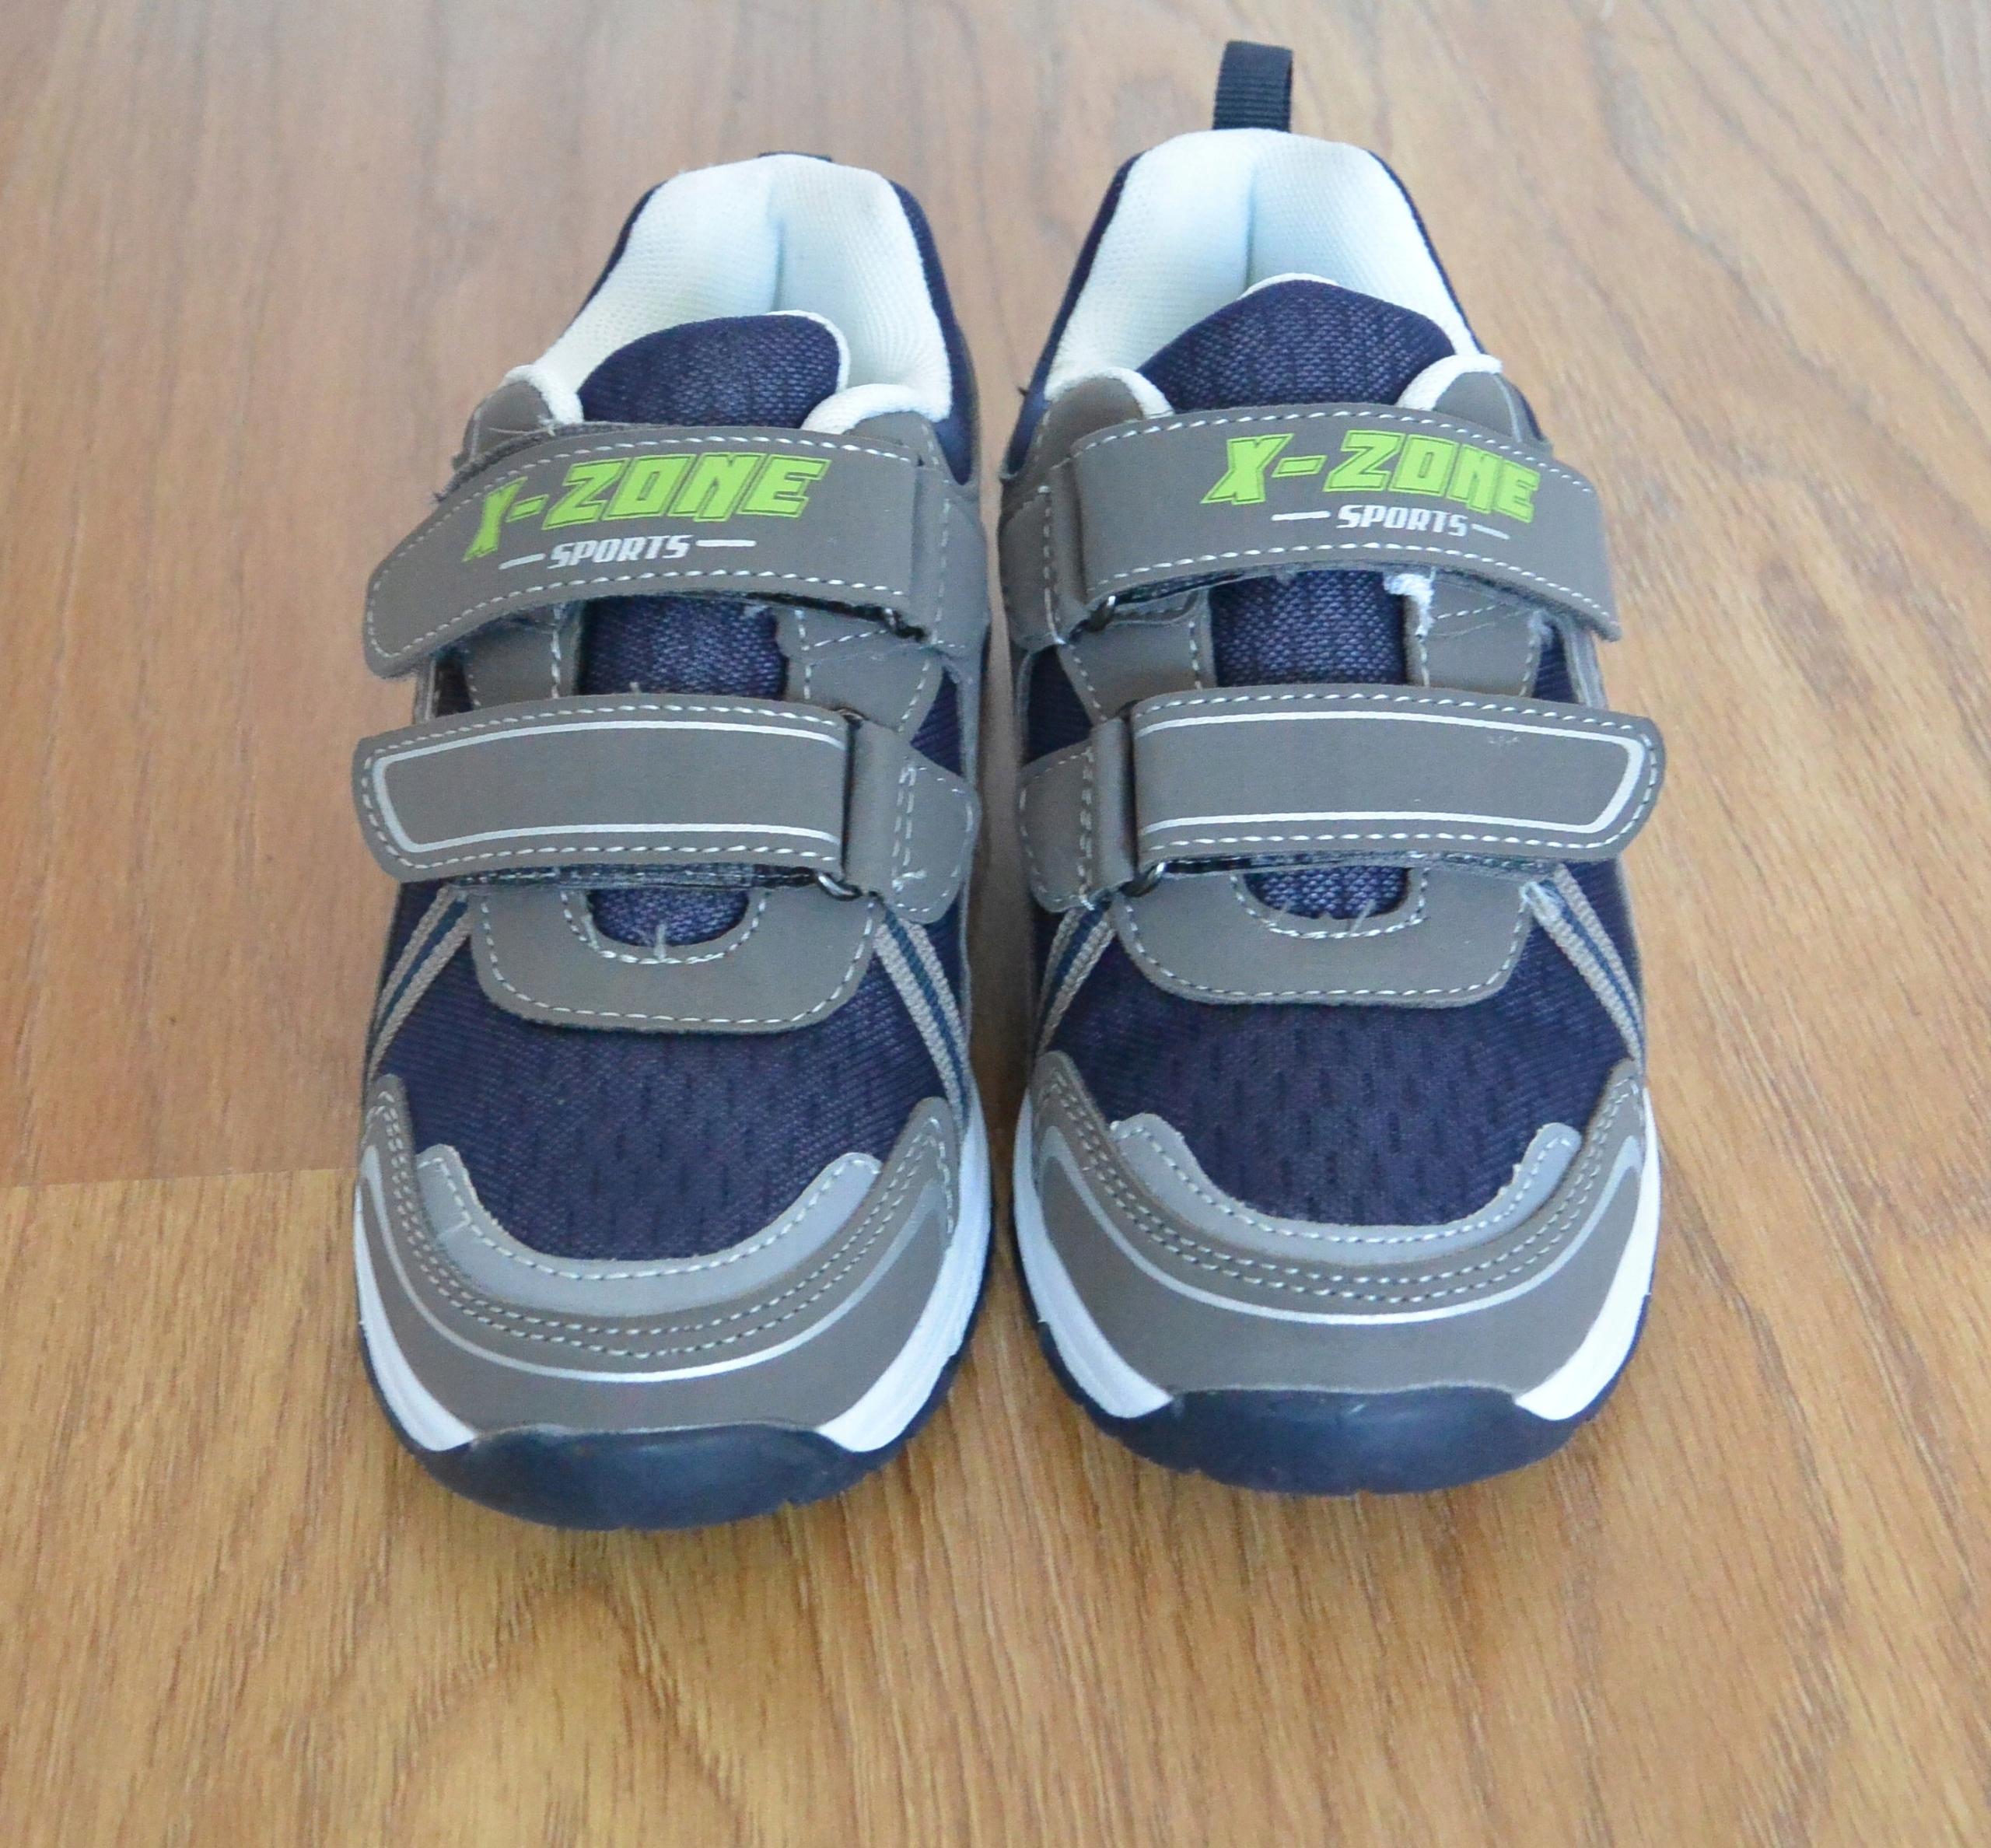 Buty sportowe adidasy chłopięce NOWE r.31 20,5 cm